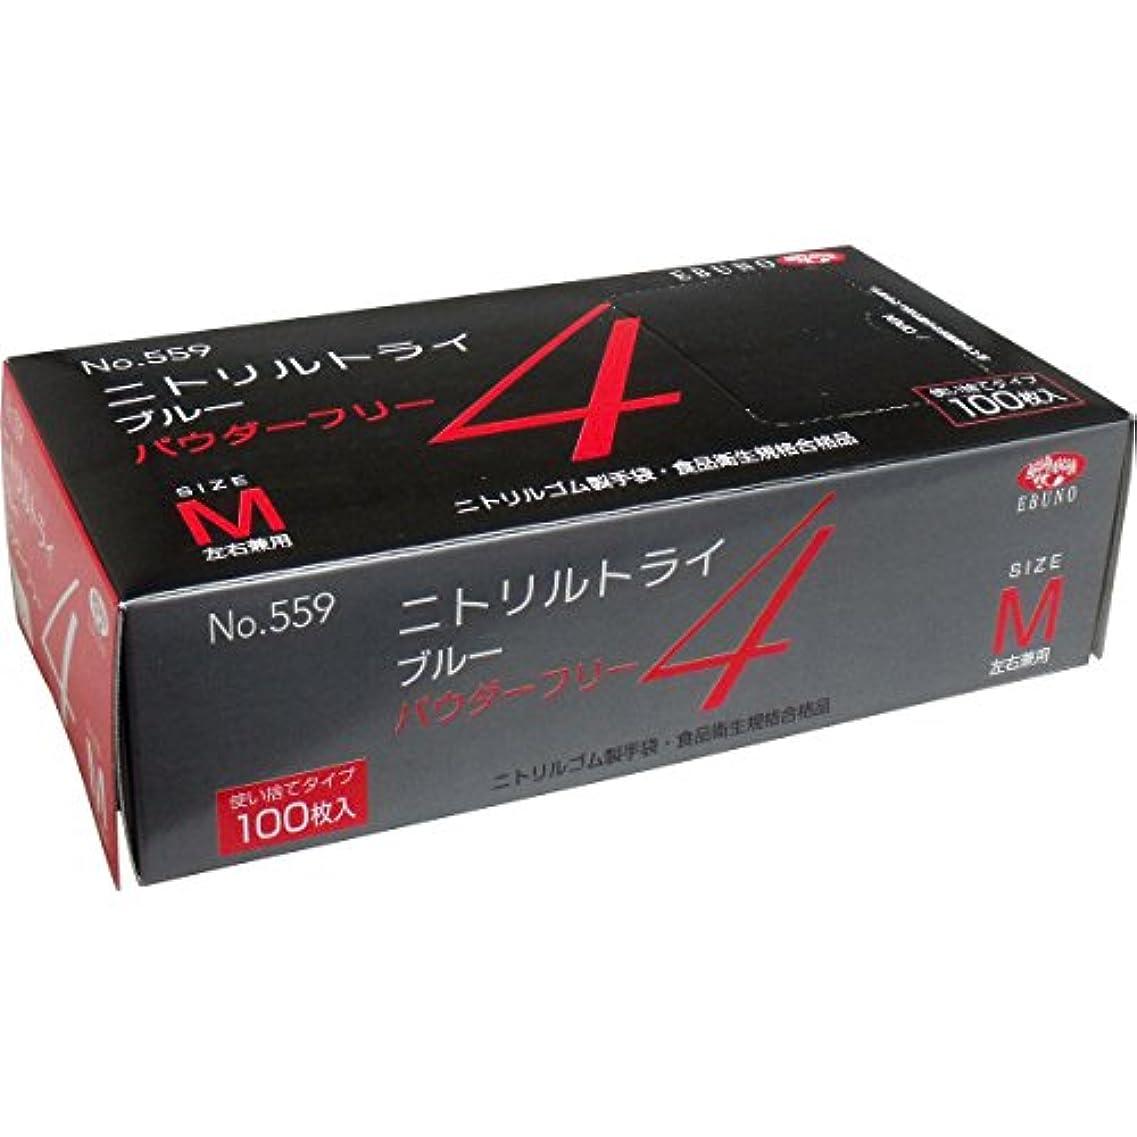 パレードメーターバクテリアニトリルトライ4 手袋 ブルー パウダーフリー Mサイズ 100枚入(単品)